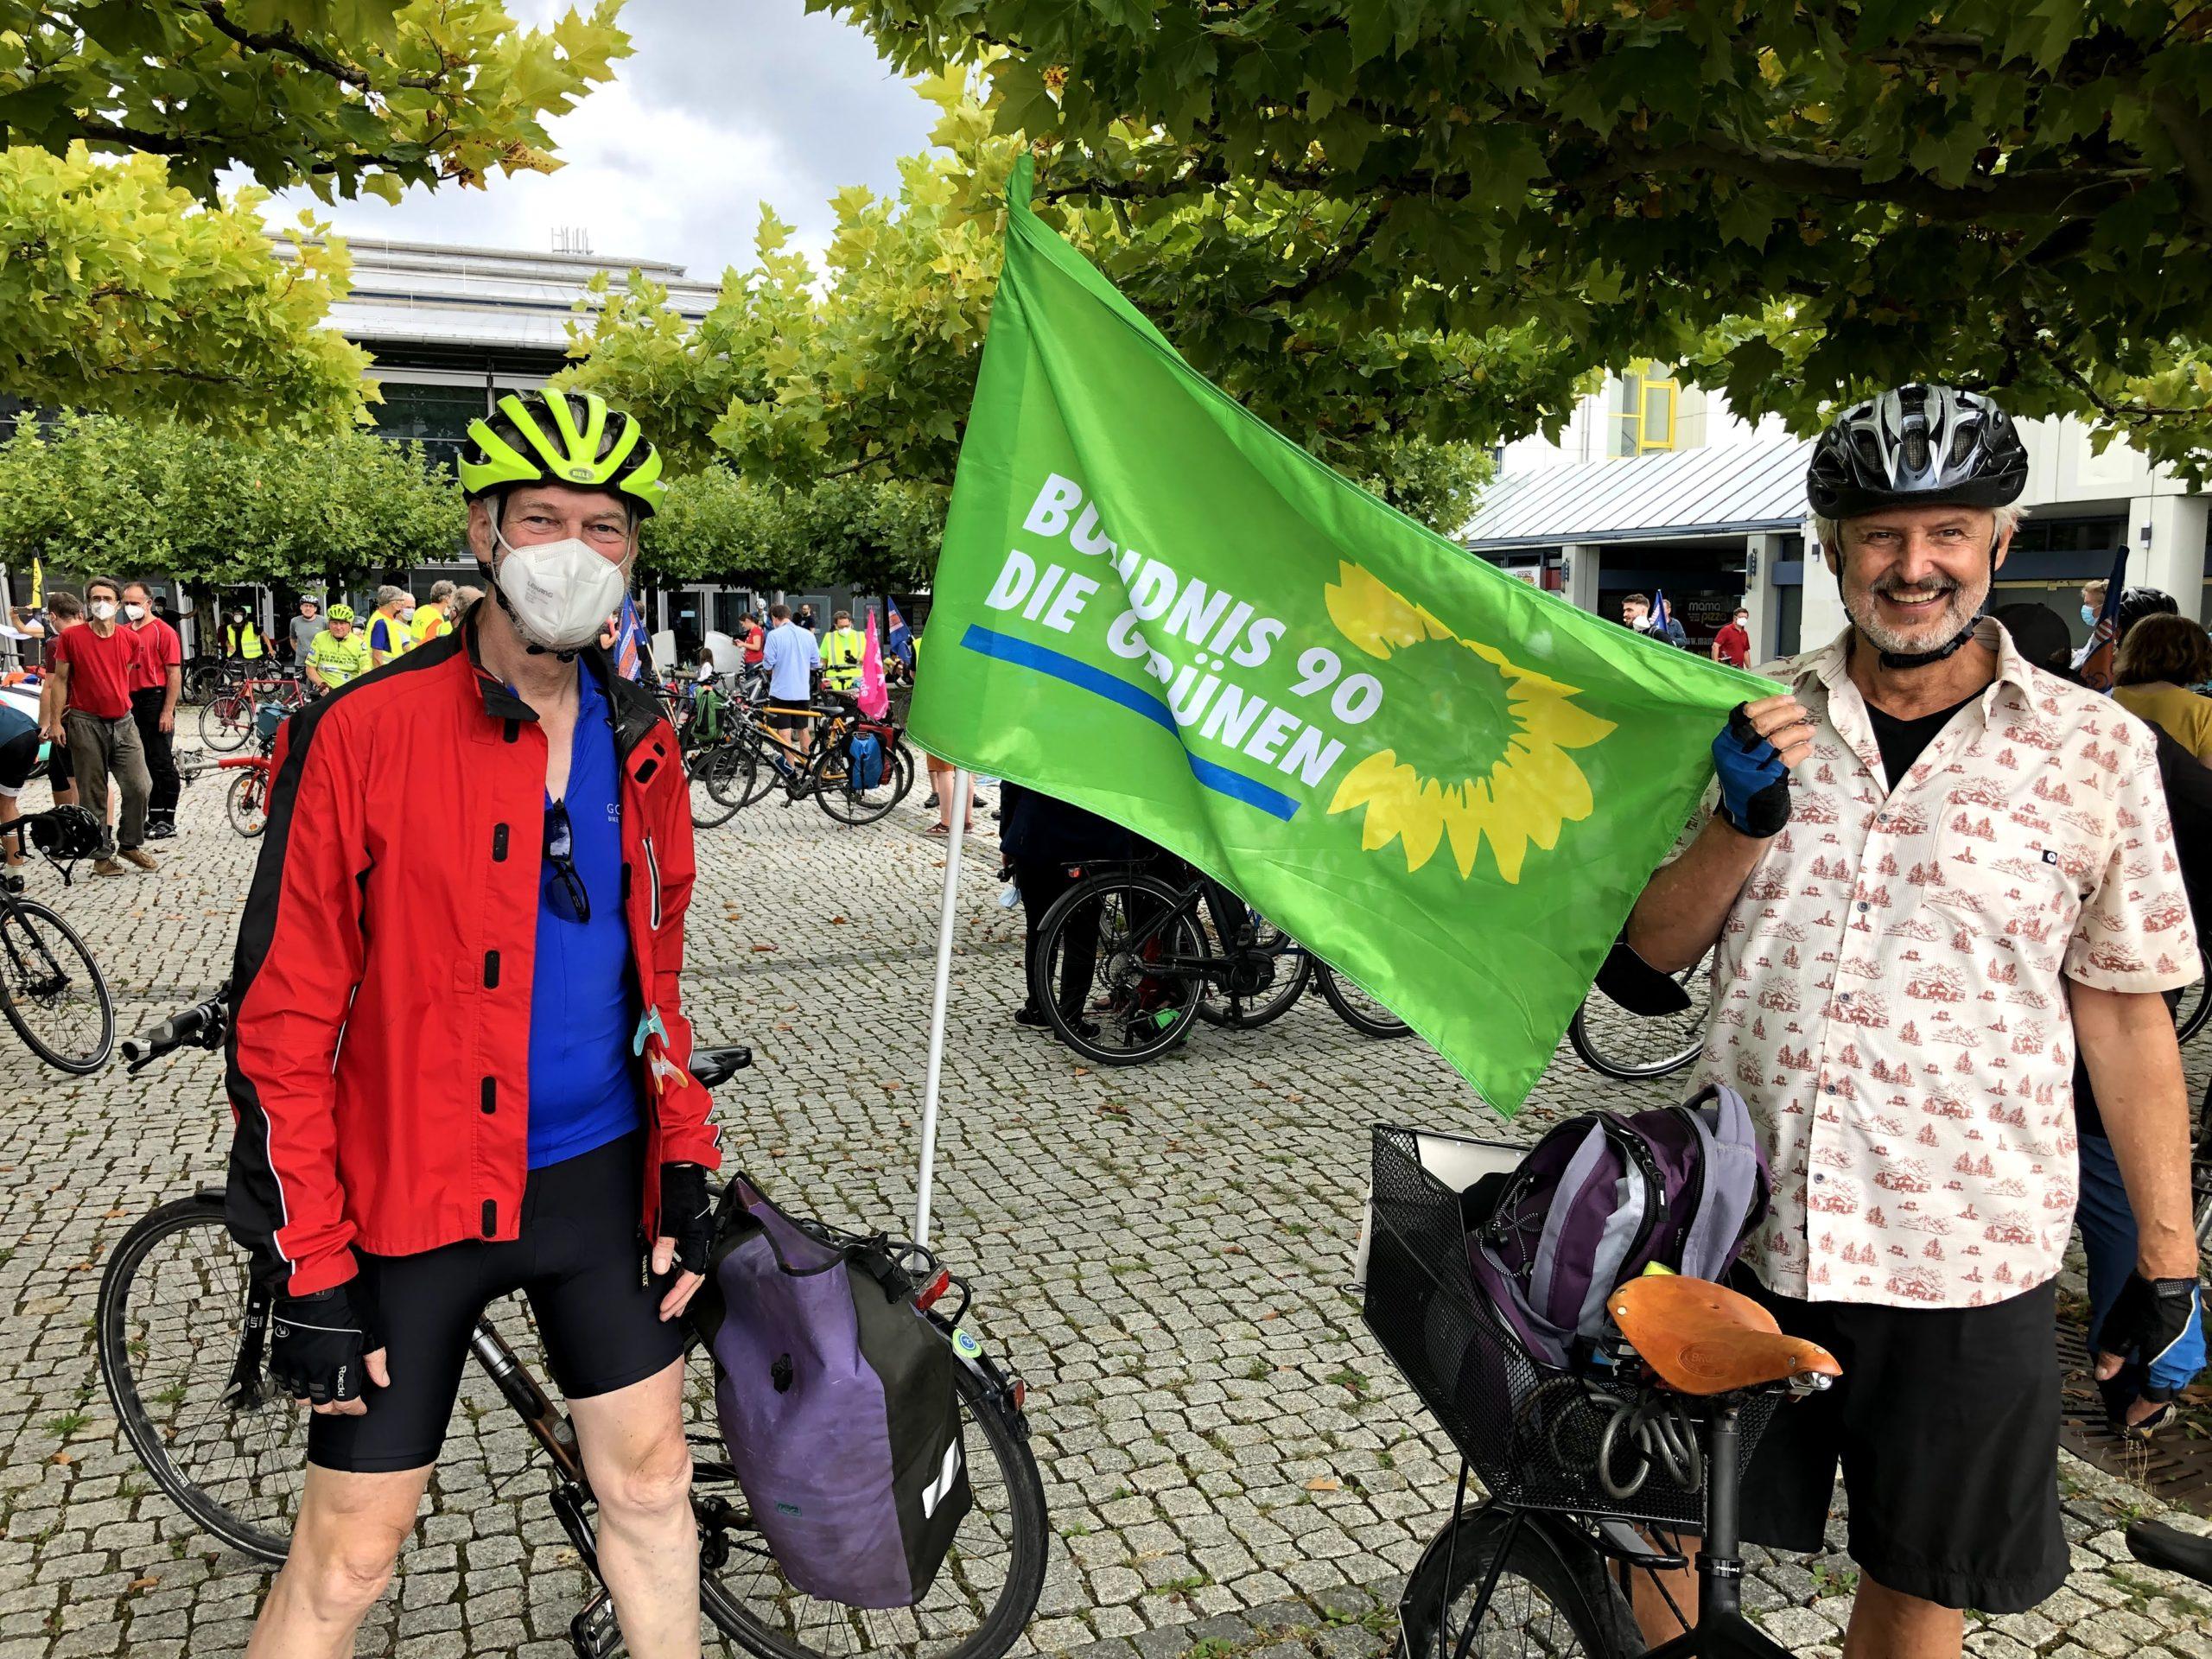 Rückblick auf Fahrradsternfahrt anlässlich der (IAA) am 11. September